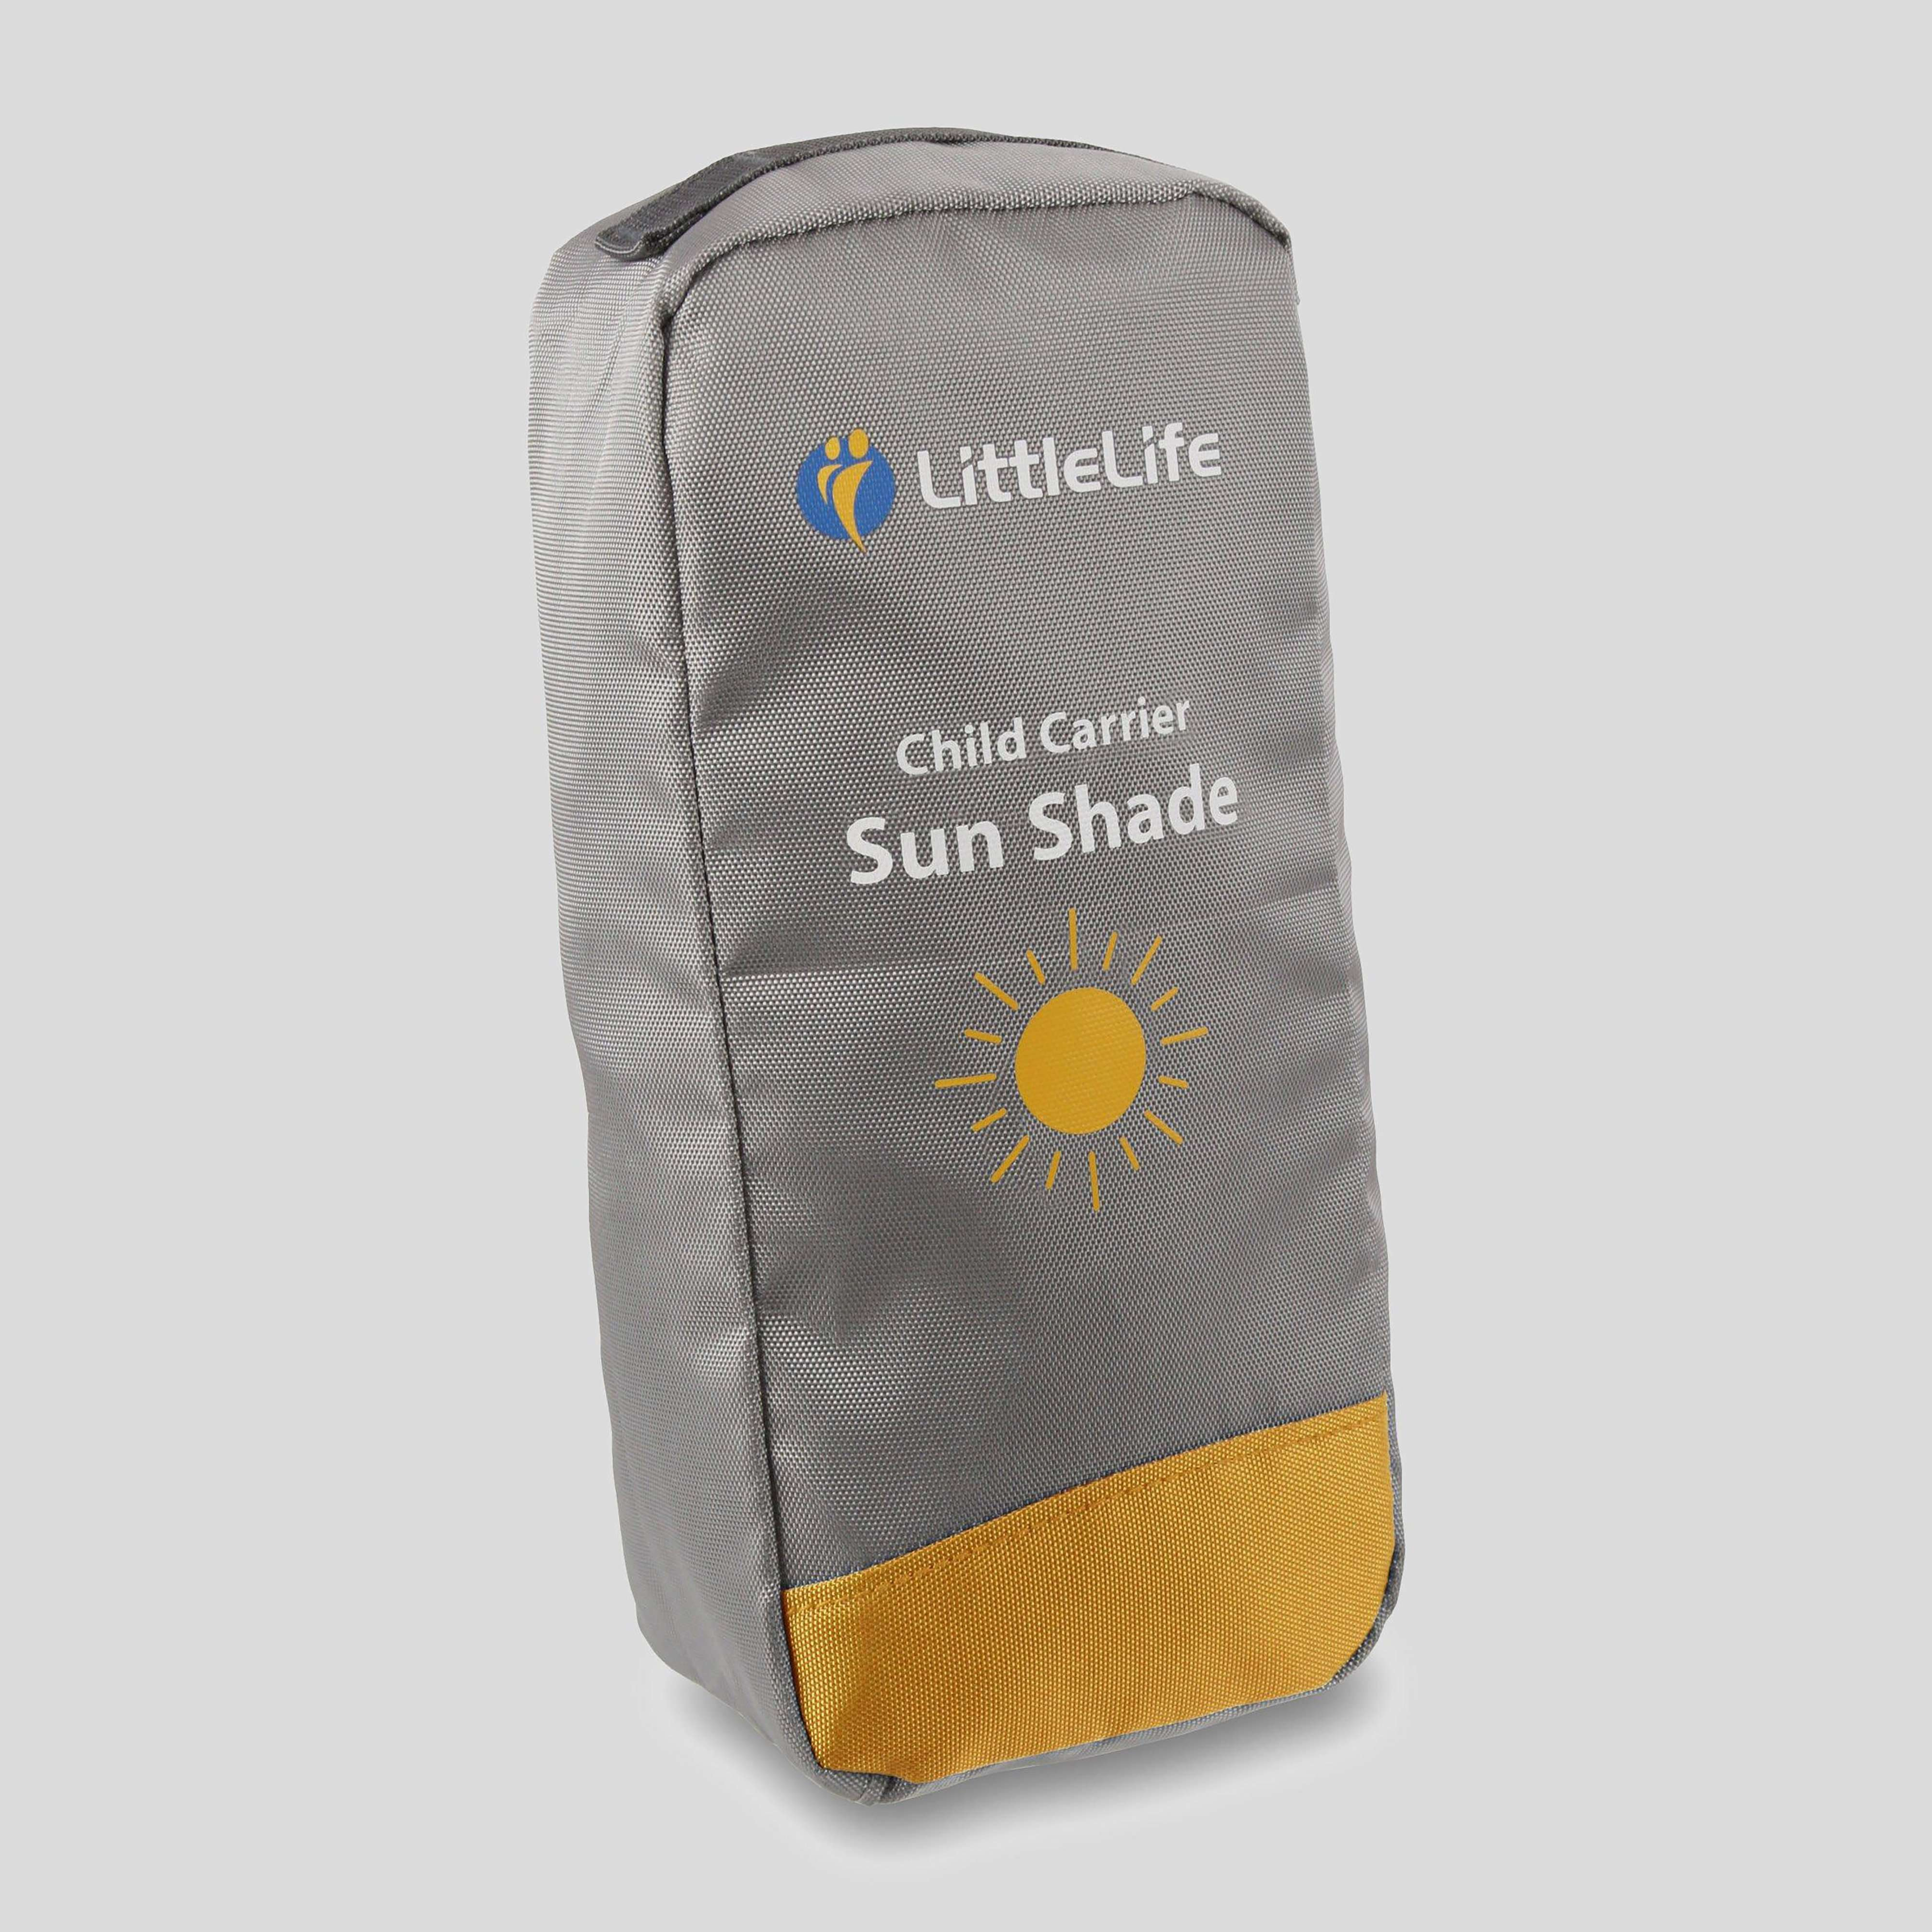 LITTLELIFE Carrier Sun Shade